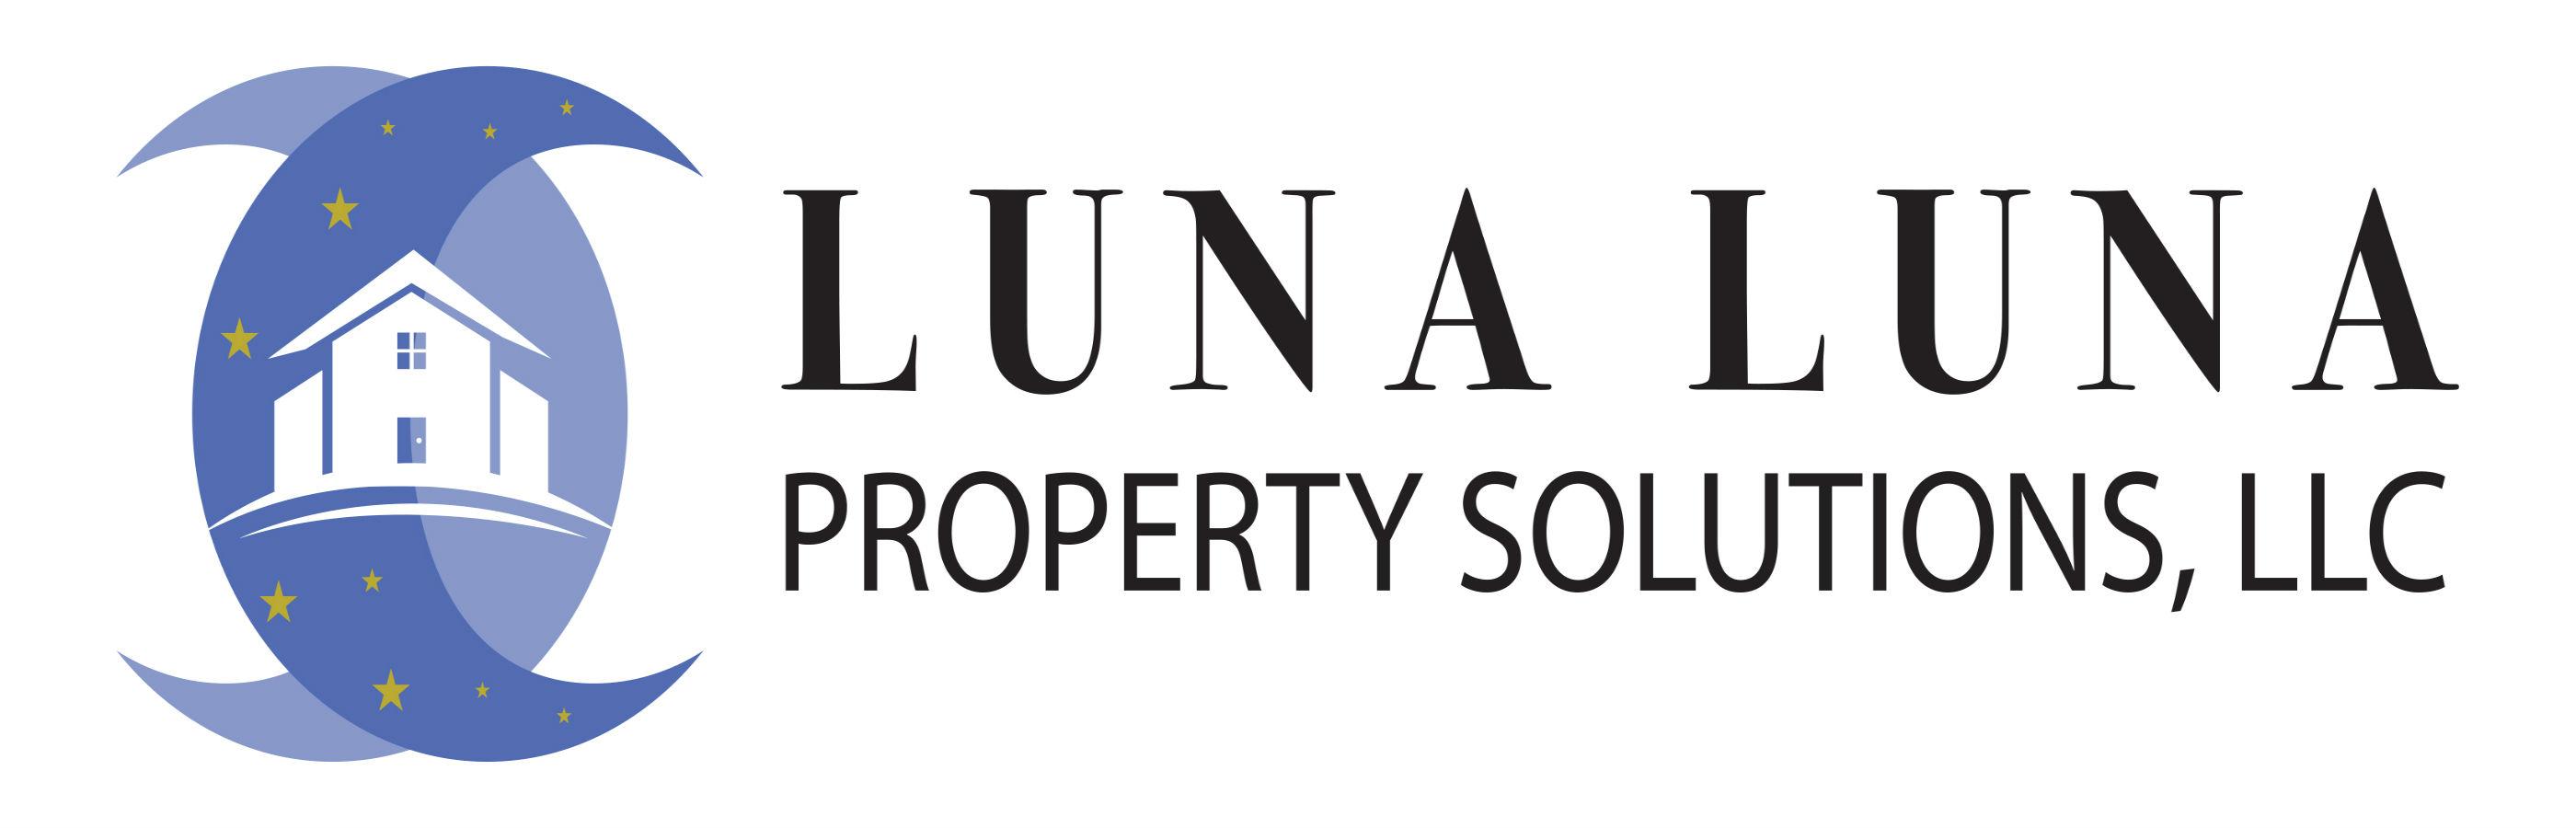 Luna Luna Property Solutions, LLC